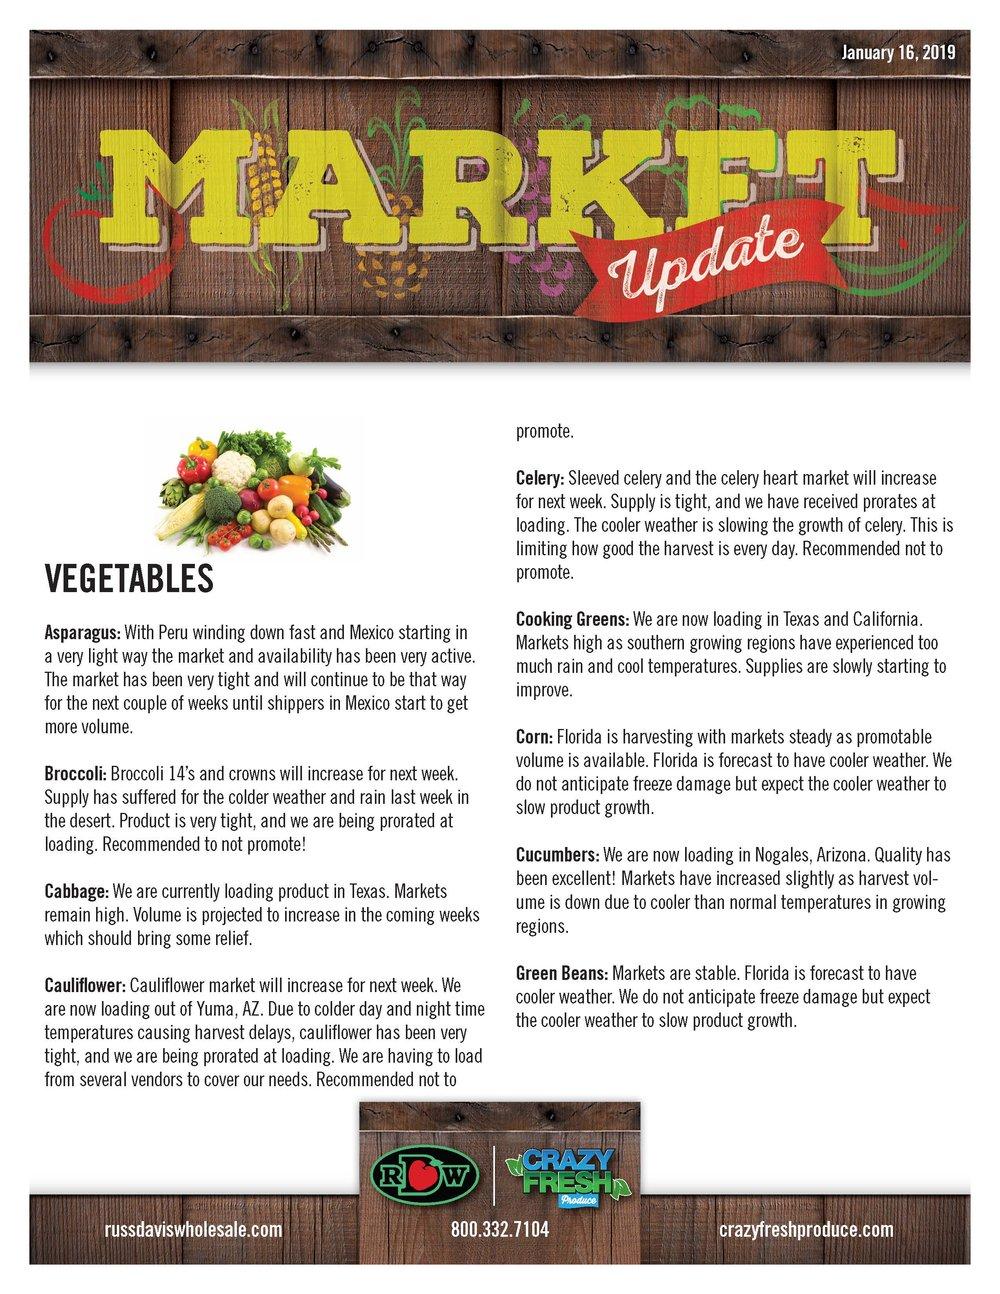 RDW_Market_Update_Jan16_19_Page_1.jpg